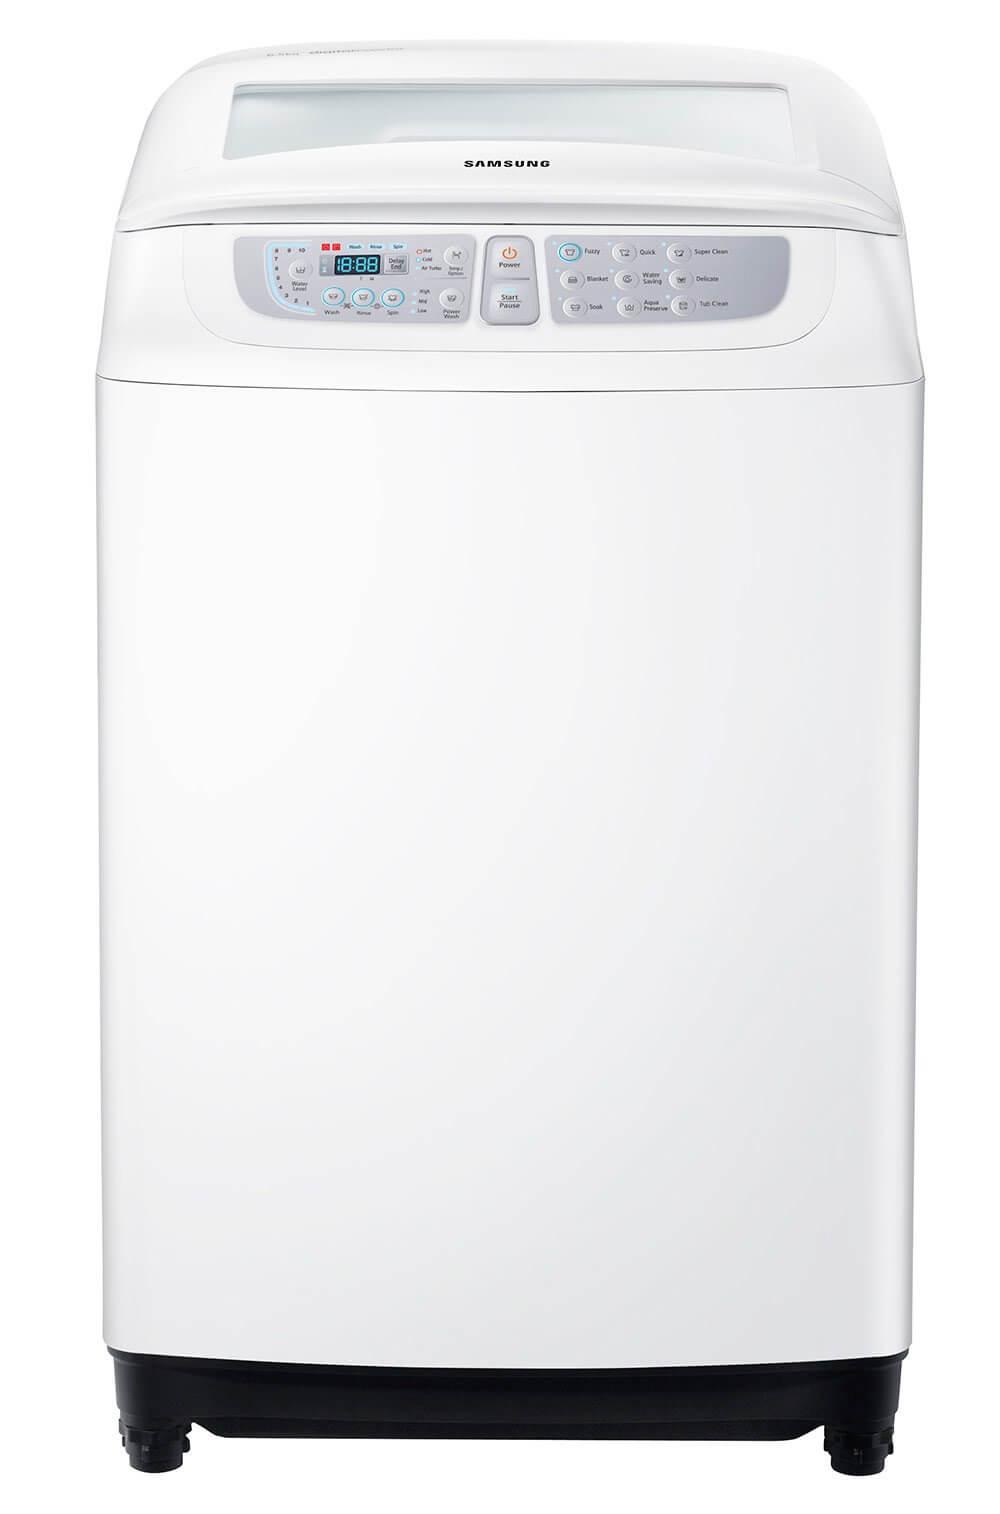 Samsung WA65F5S6DRW Top Load 6 5kg Washing Machine